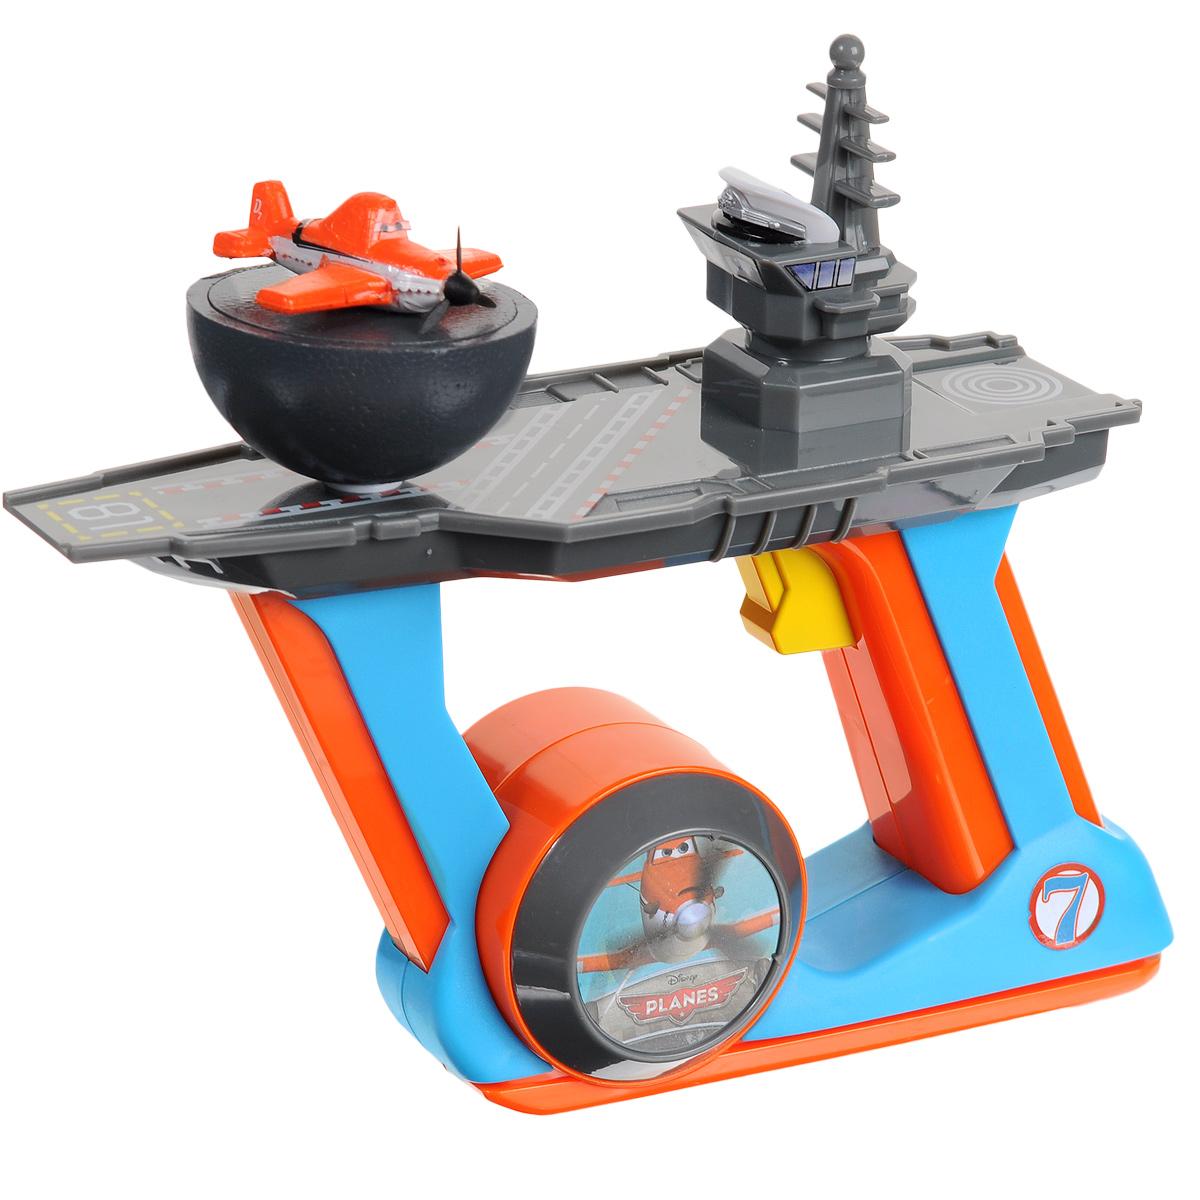 """Самолет Planes """"Dusty"""" с пусковым механизмом несомненно развлечет вашего ребенка. Самолетик выполнен из легкого материала в виде Дасти, героя популярного мультфильма """"Planes"""" (""""Самолеты""""), и помещен на полукруглое основание. Необходимо поставить самолетик на платформу пускового устройства и нажать кнопку на рукоятке. Тогда игрушка поднимется в воздух. Игрушку можно запускать на больших открытых пространствах и только при небольшом ветре. Самолетик отлично подойдет для игры на детской площадке или на даче. В комплект входит самолетик, пусковое устройство и схематичная инструкция по эксплуатации на русском языке. Ваш ребенок будет в восторге от такого подарка! Необходимо докупить 4 батарейки напряжением 1,5V типа АА (не входят в комплект)."""